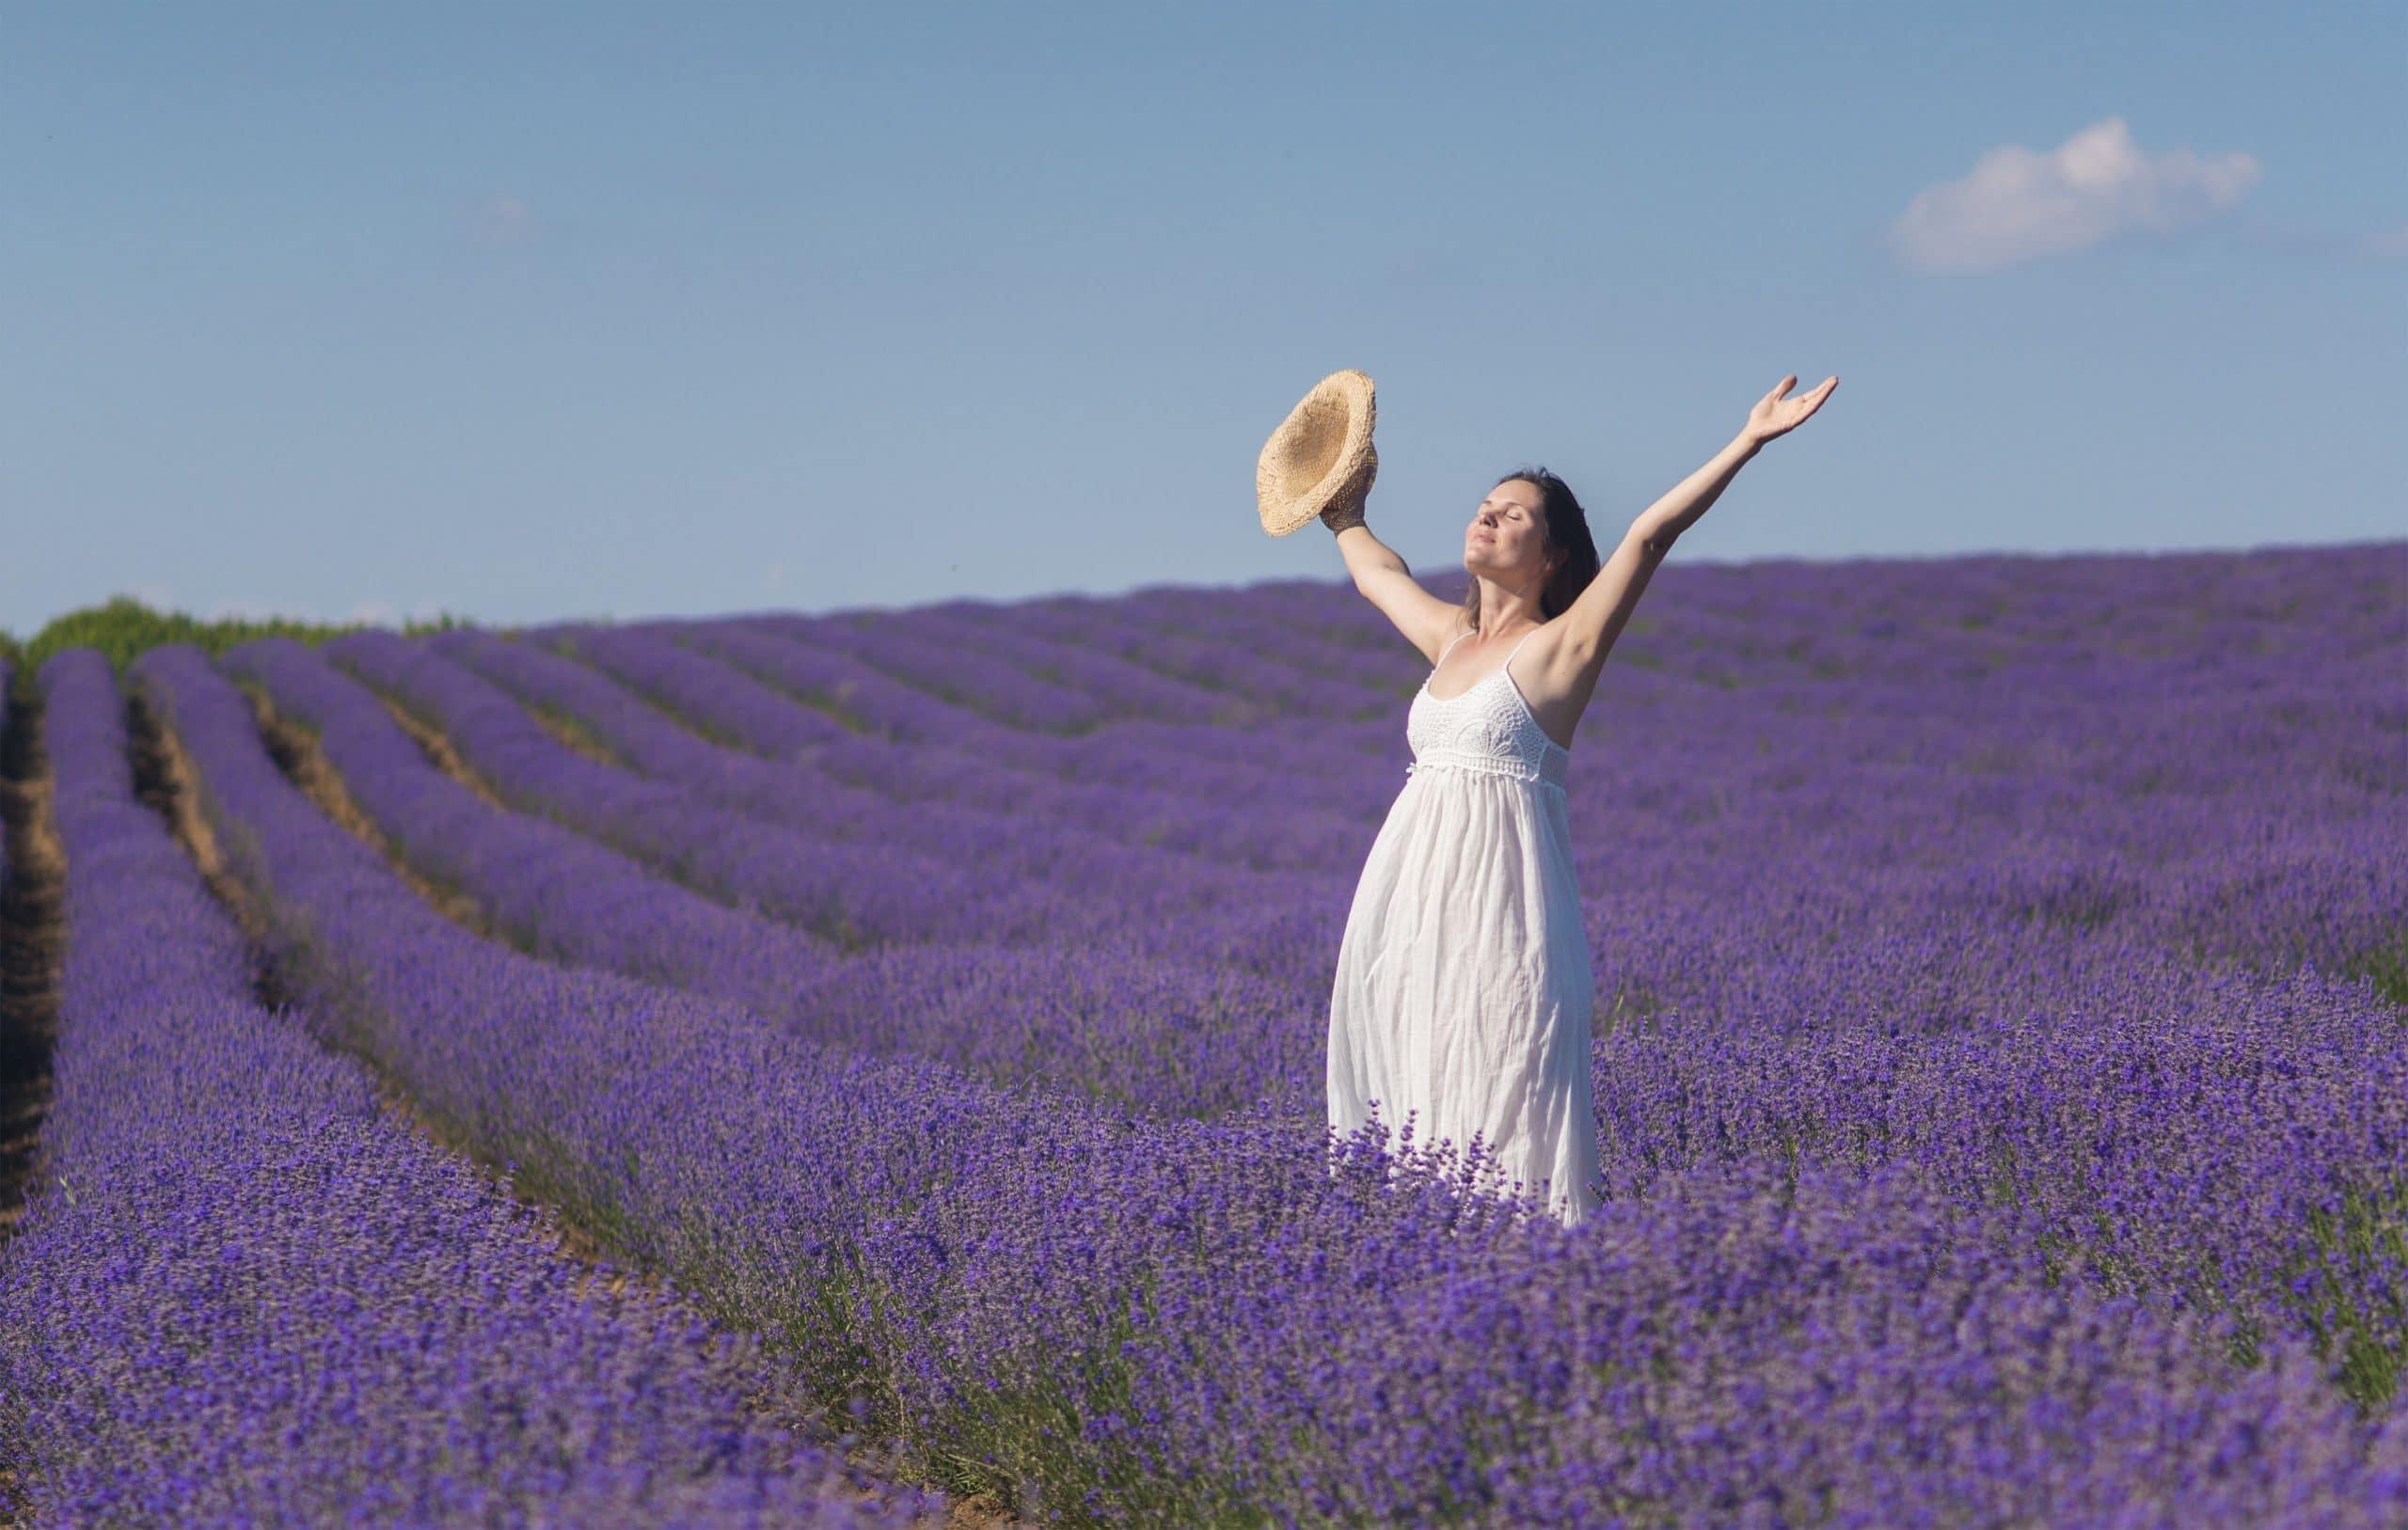 Mulher estendendo os braços. Fundo de campo. Muitas flores roxas e céu azul.